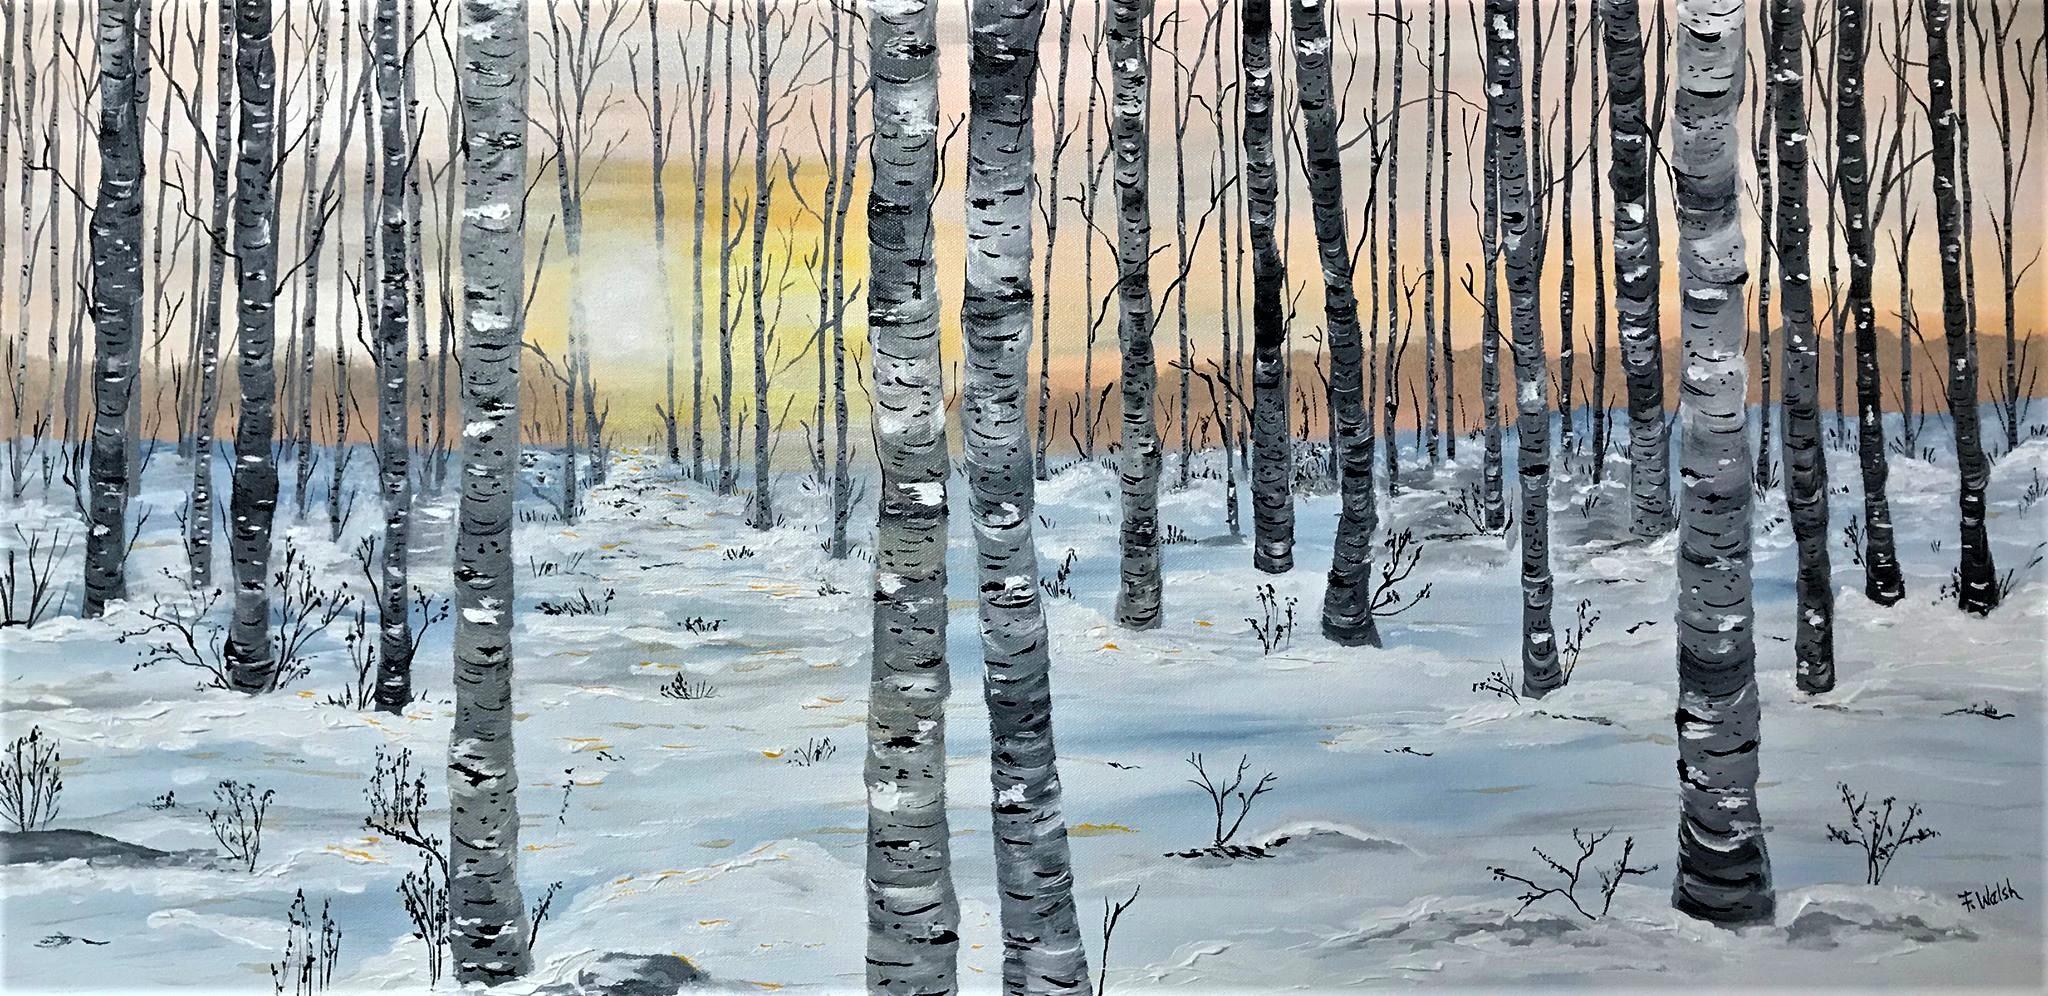 winter birches 1